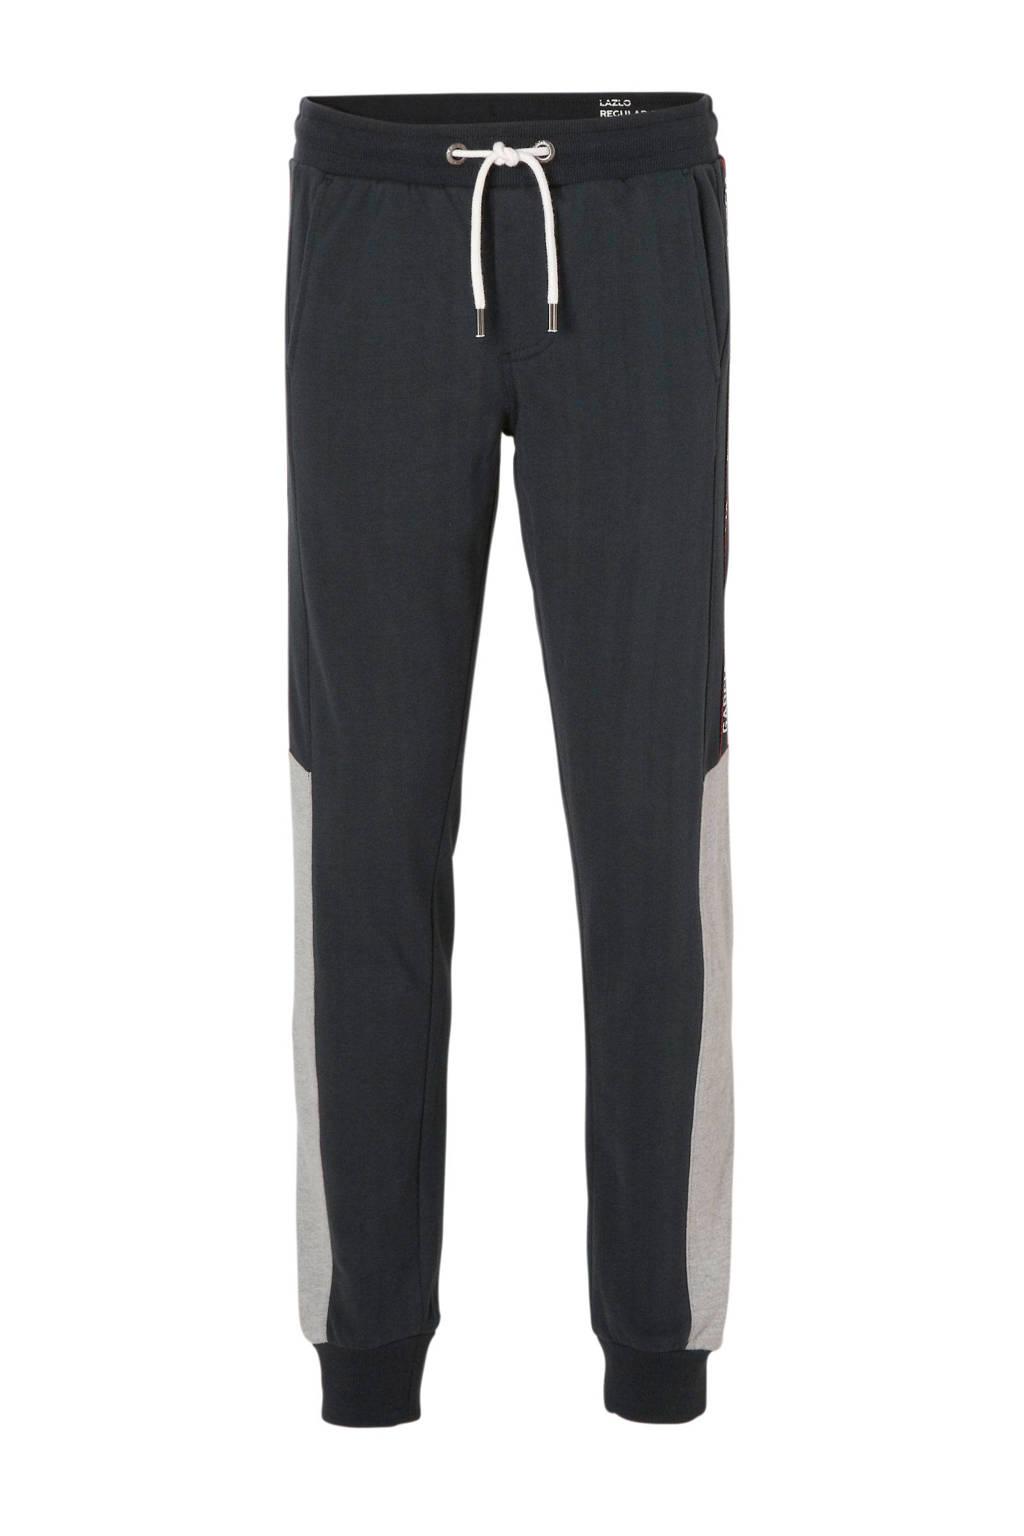 Garcia   sweatpants met zijbies donkerblauw, Donkerblauw/grijs